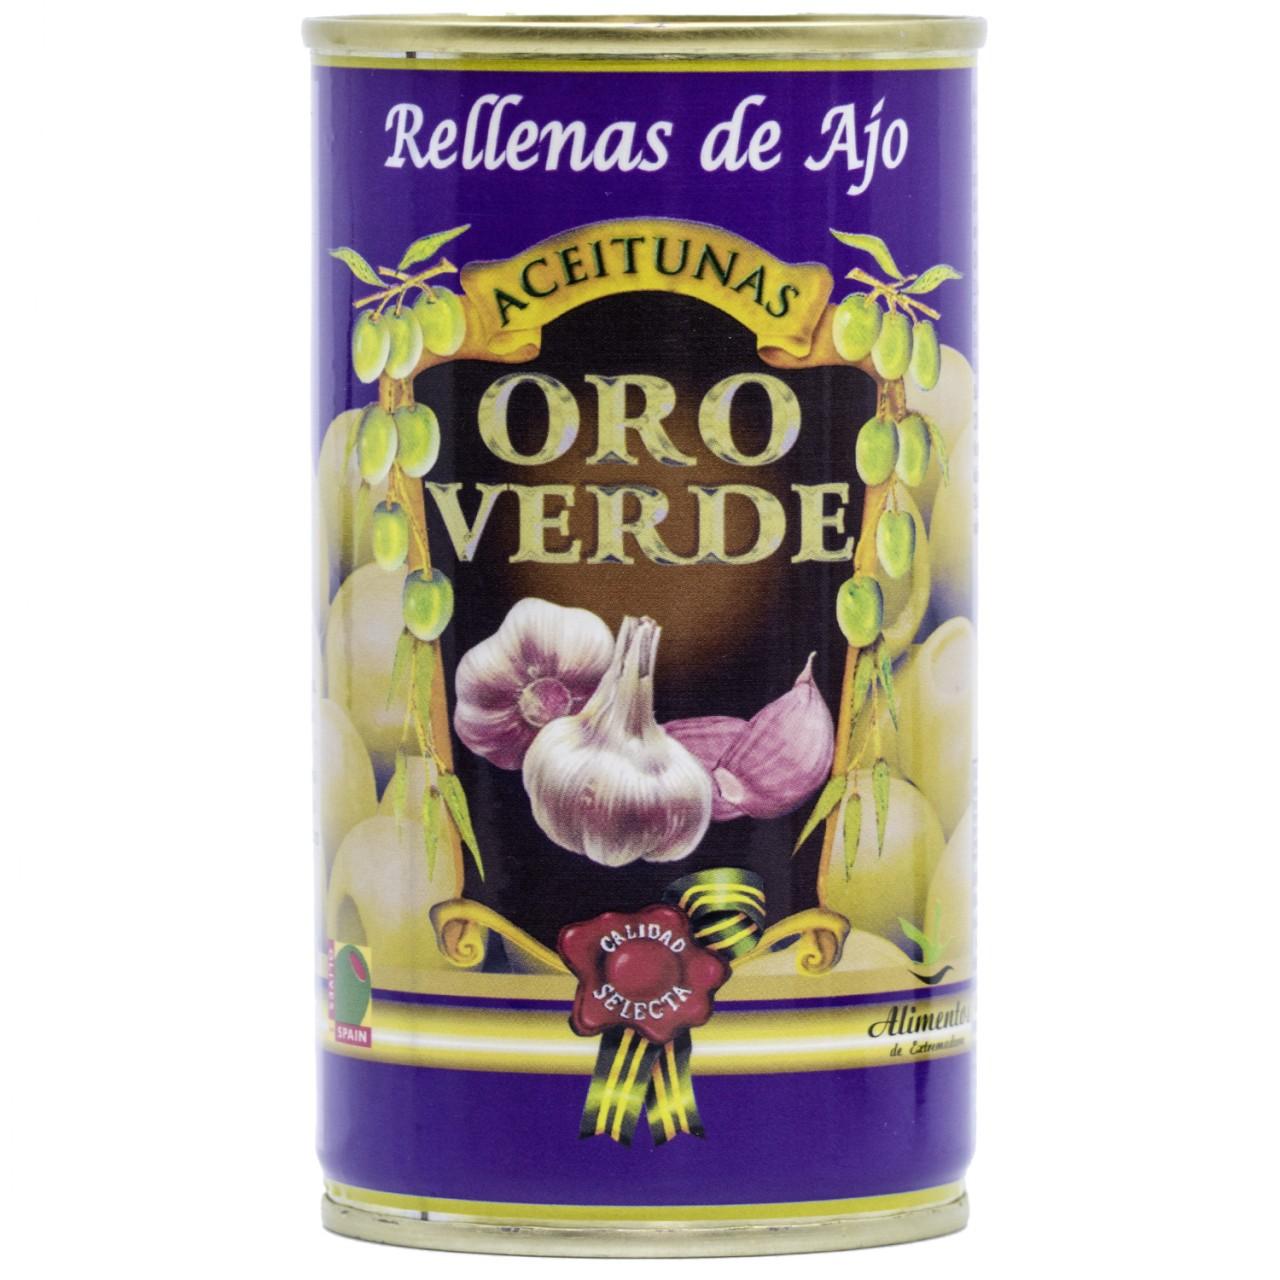 Oliven mit Knoblauchpaste gefüllt - Aceitunas rellenas de Ajo